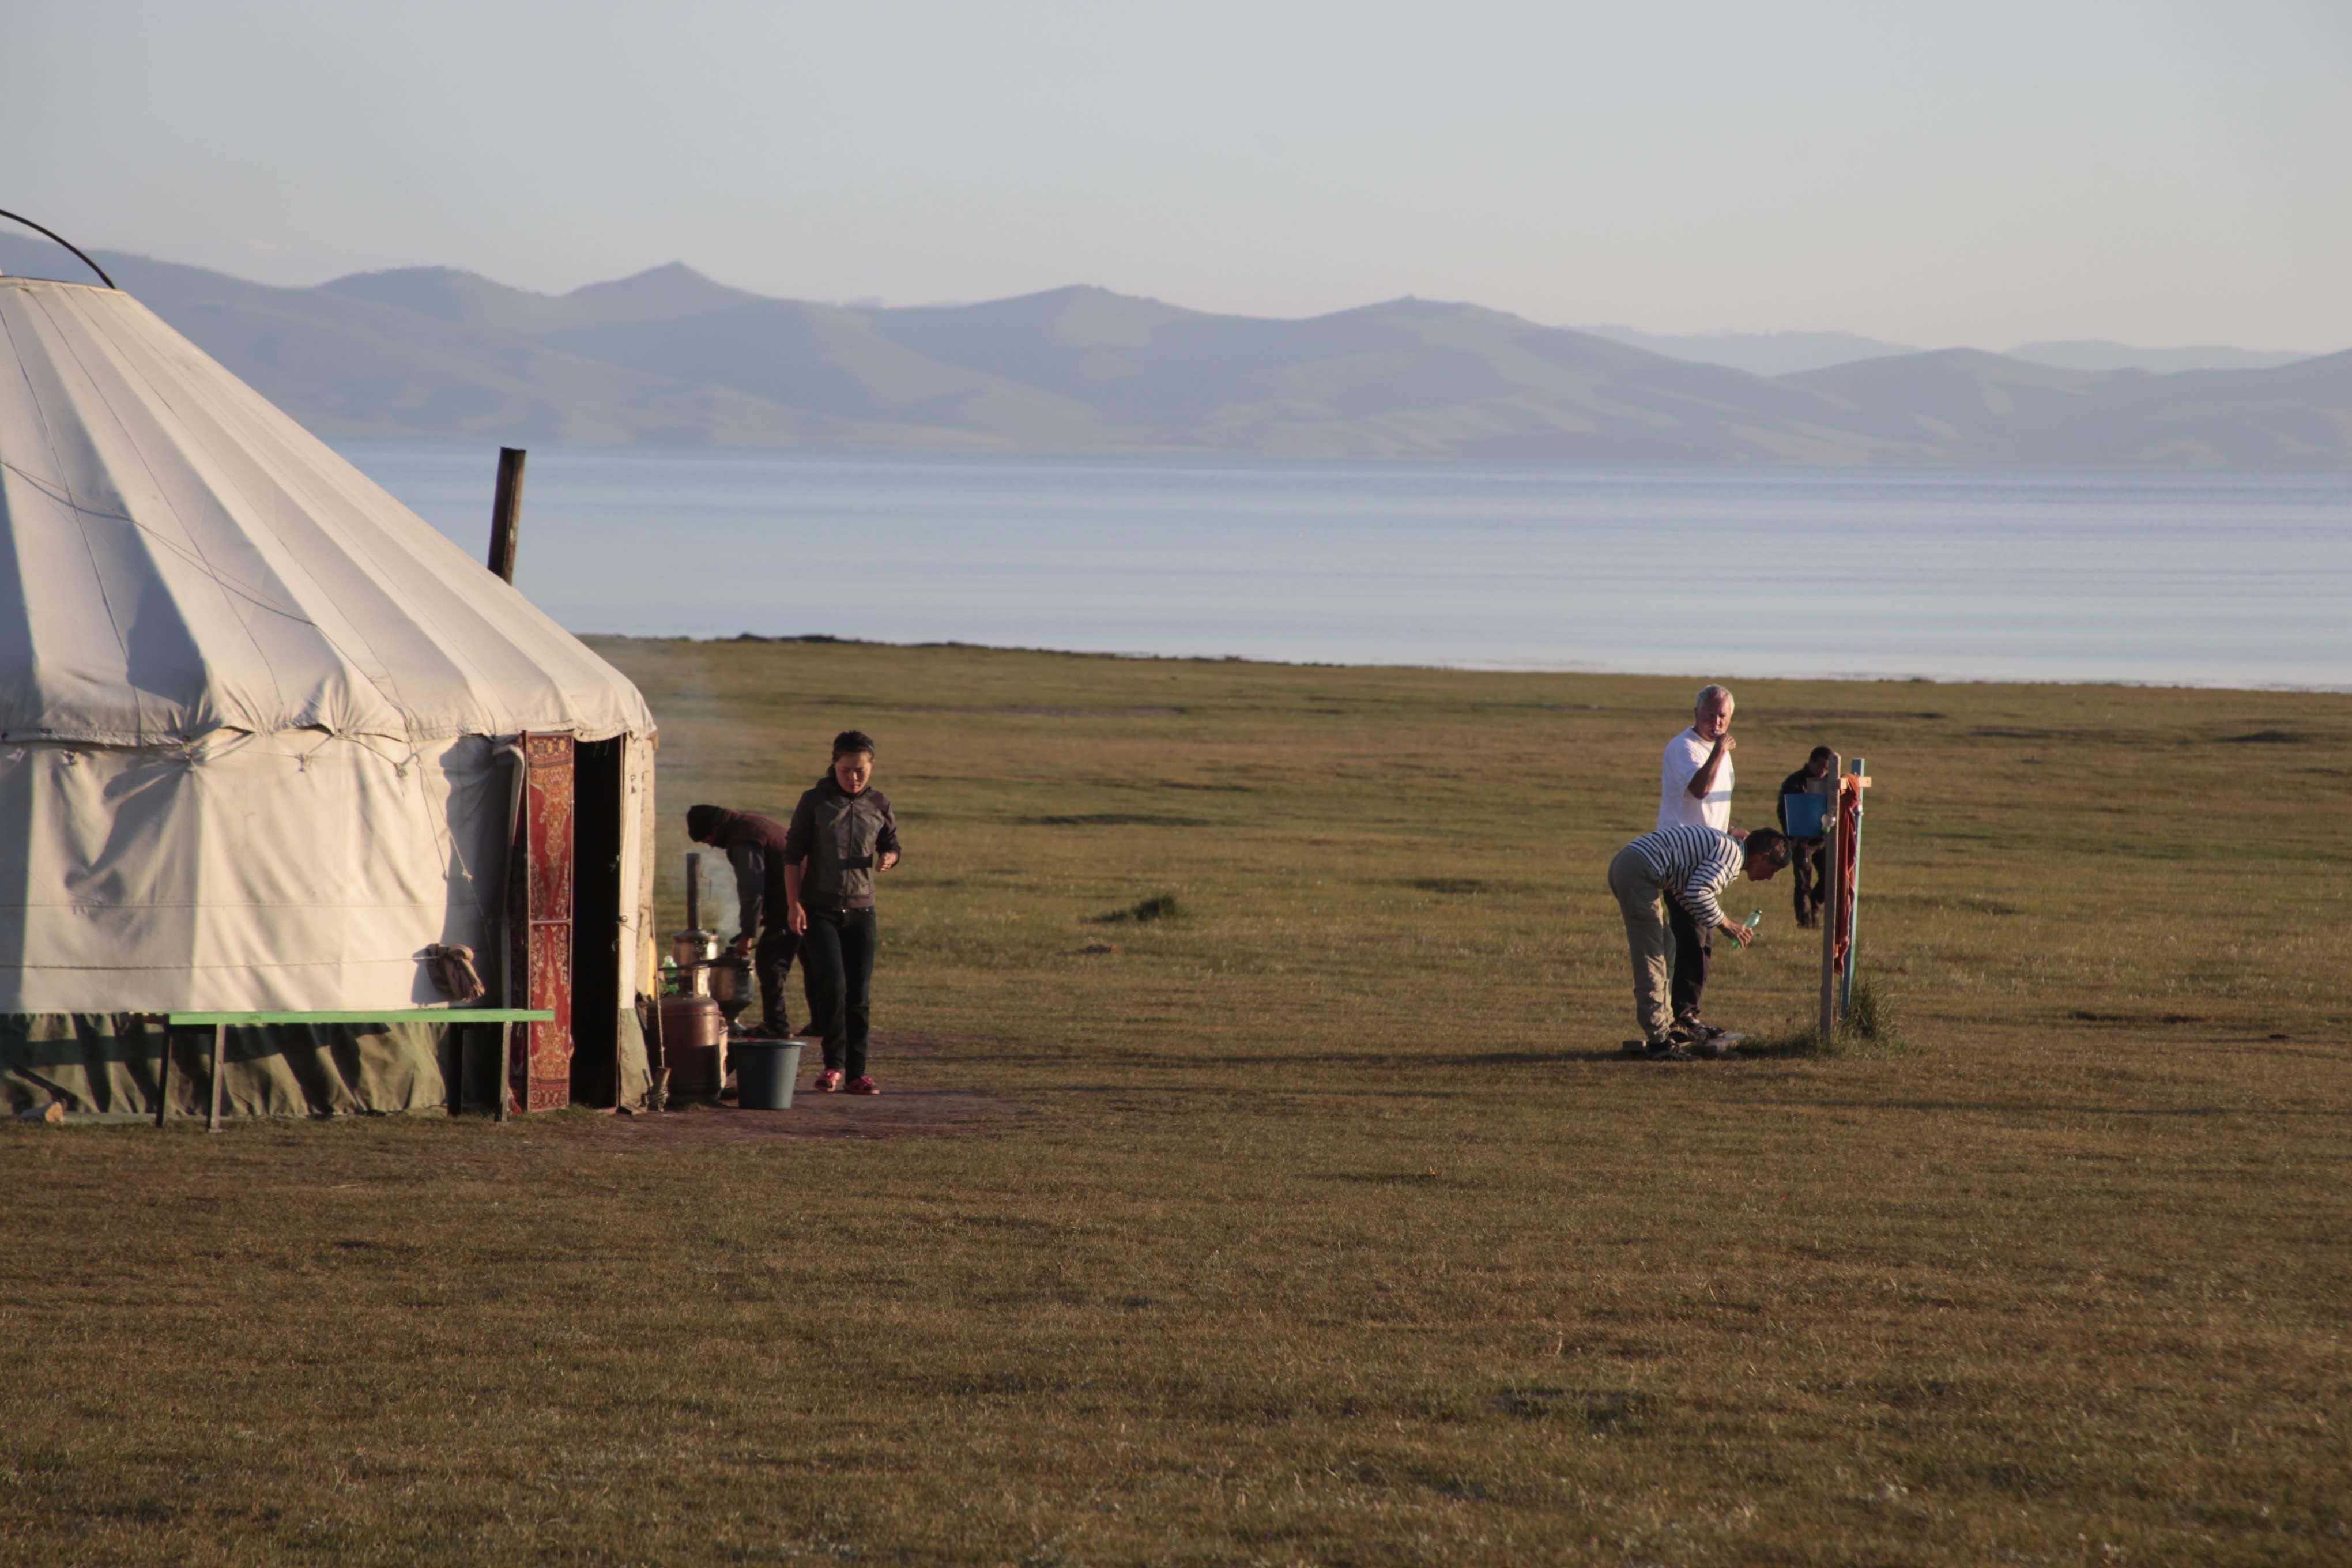 Cruzando las tierras altas de Kirguistán : Autor foto: Ak Sai